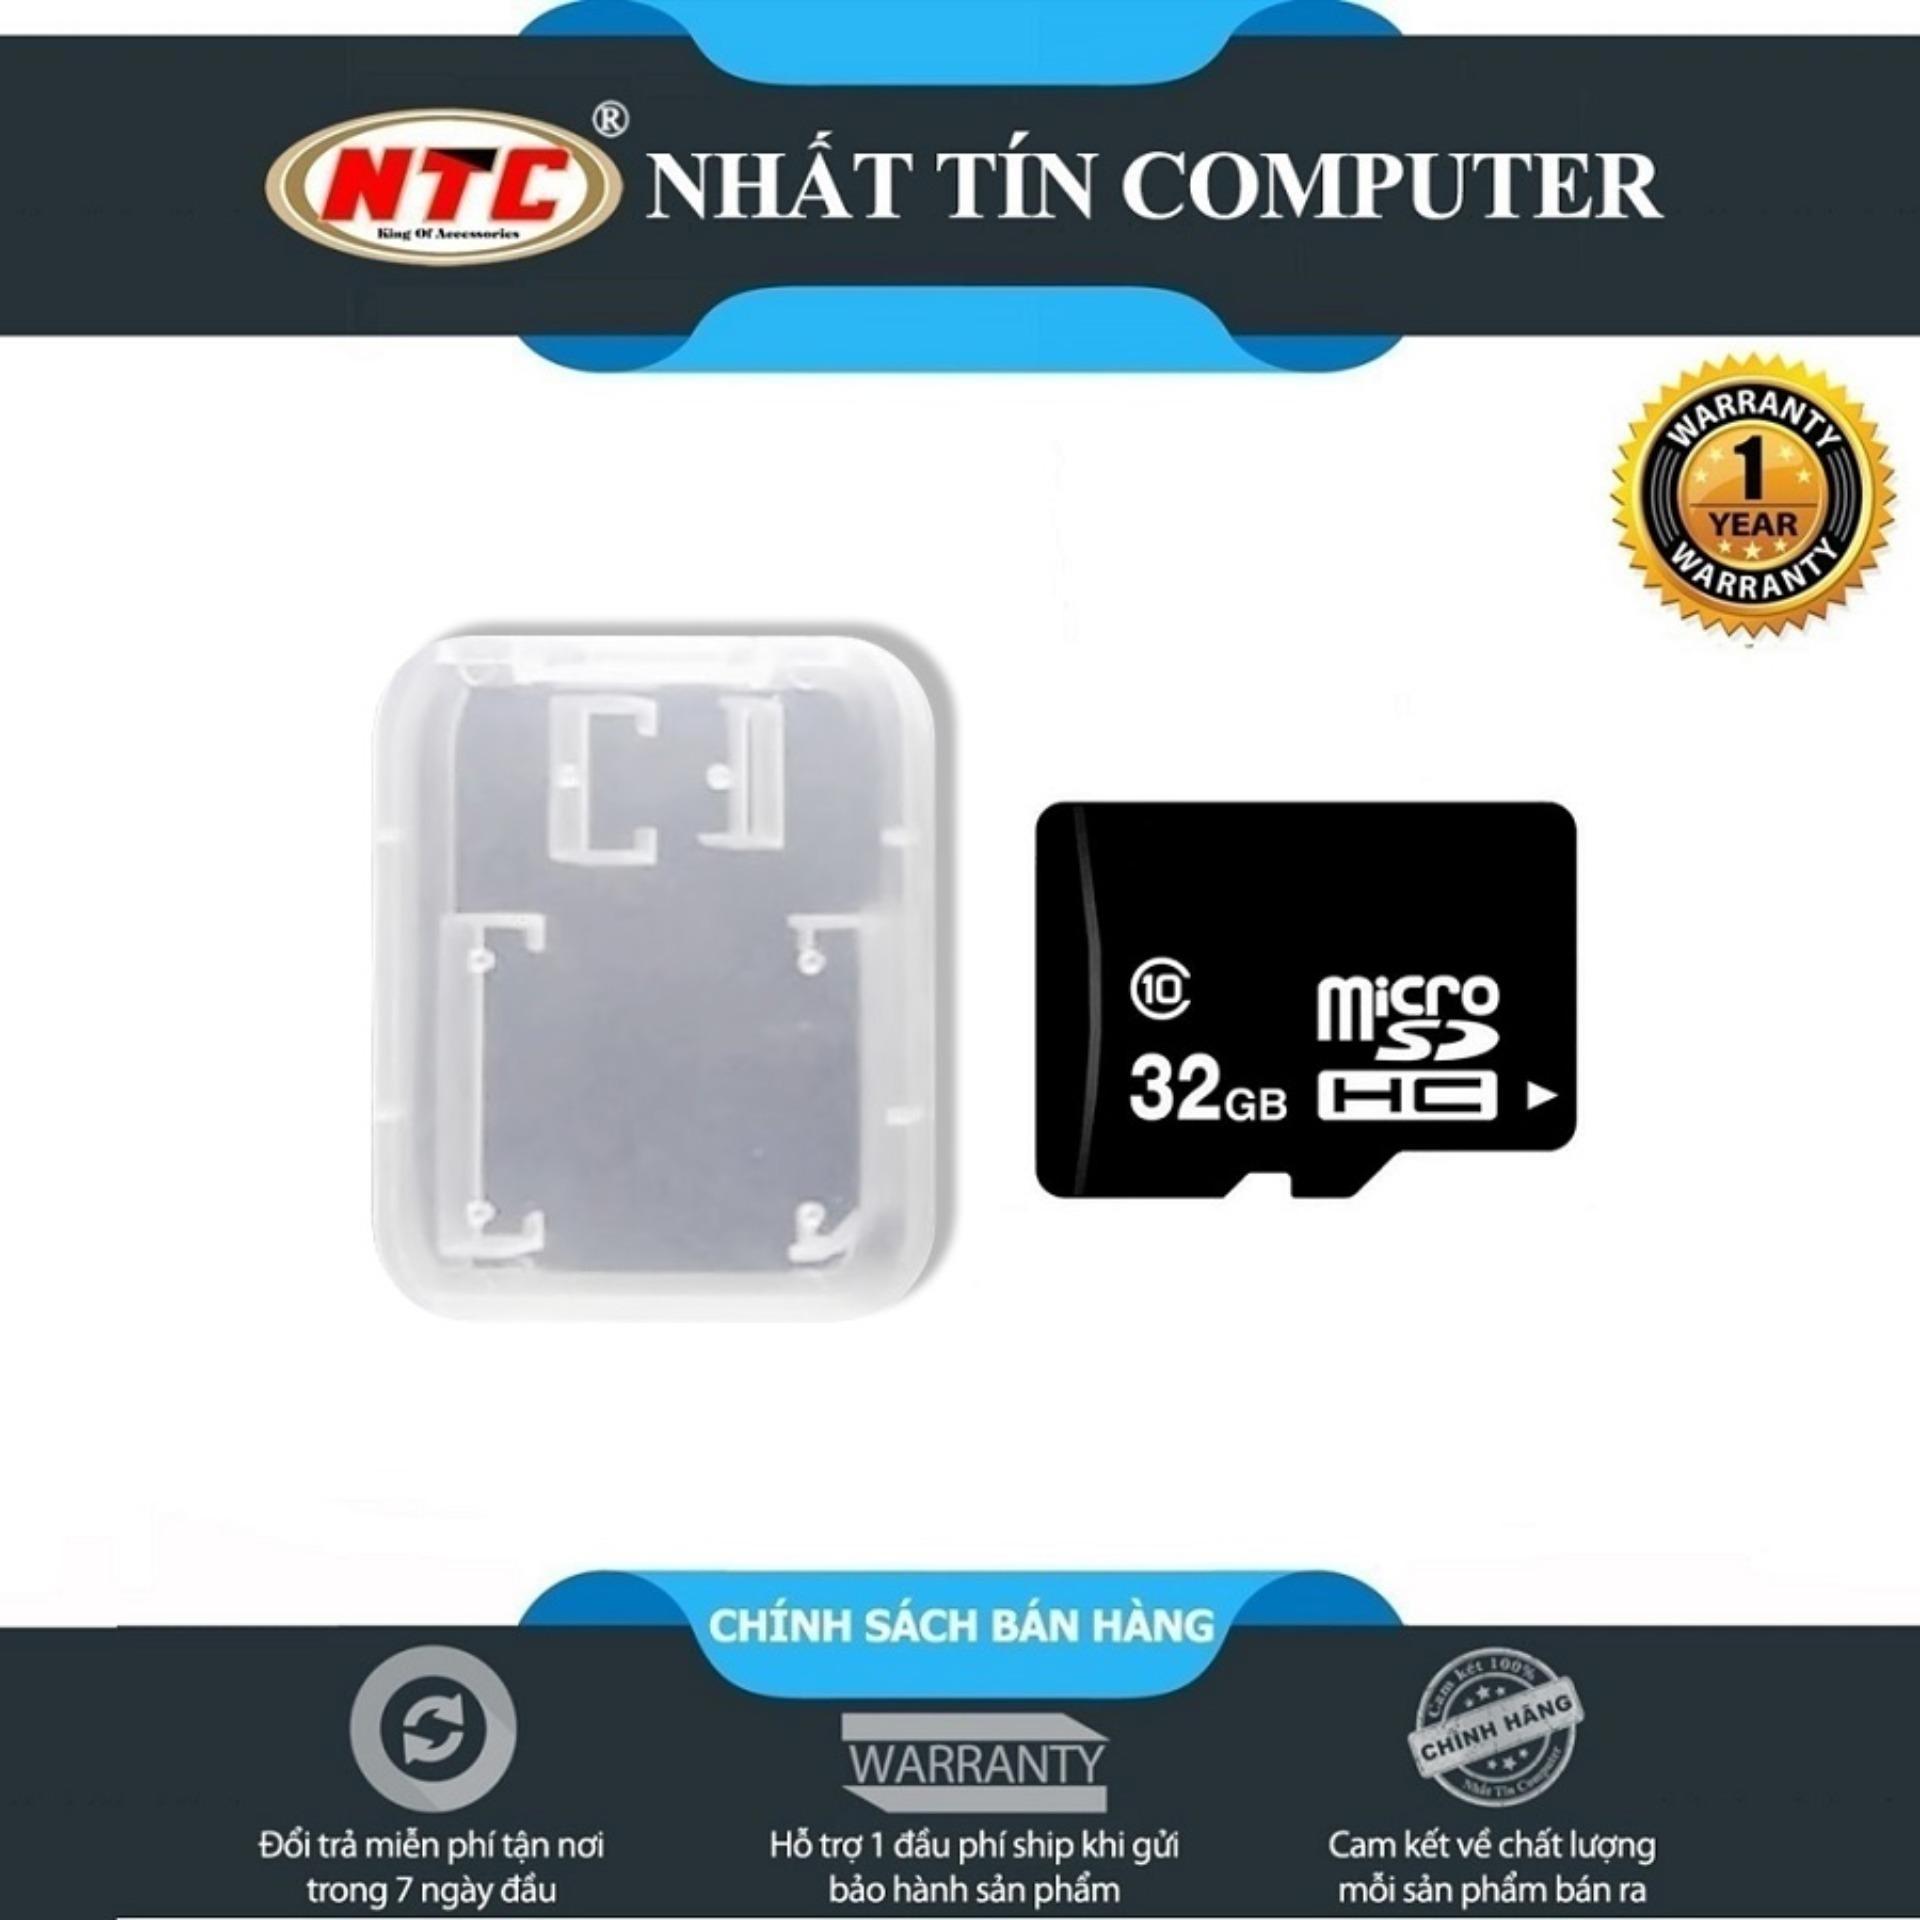 [HCM]Thẻ nhớ MicroSDHC NTComputer 32GB Class 10 (Đen) + Tặng kèm hộp thẻ - Nhất Tín Computer